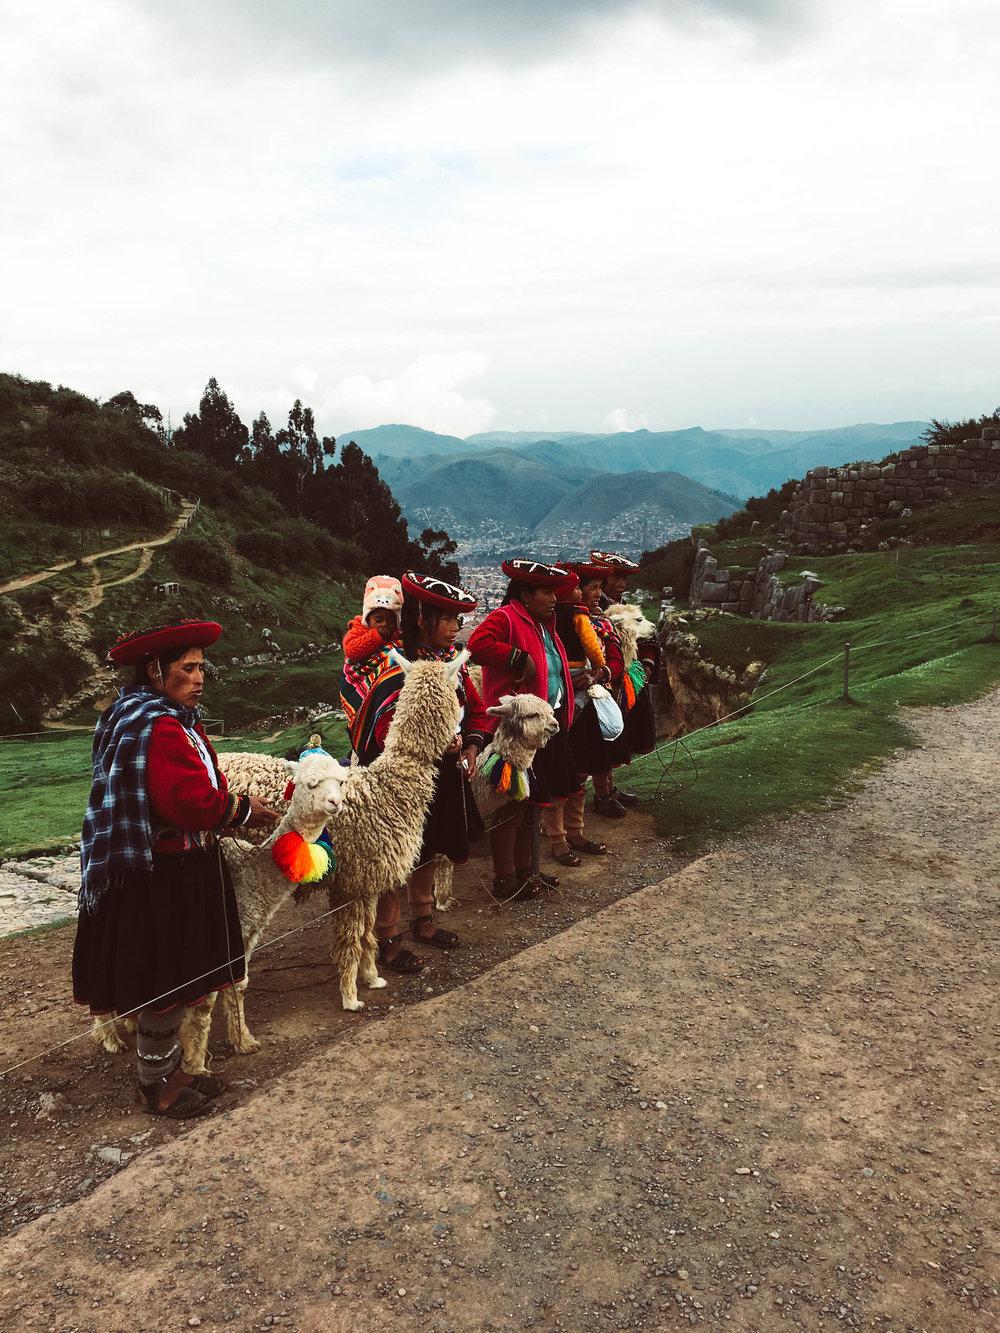 Llama women at Sacsayhuaman Cuzco